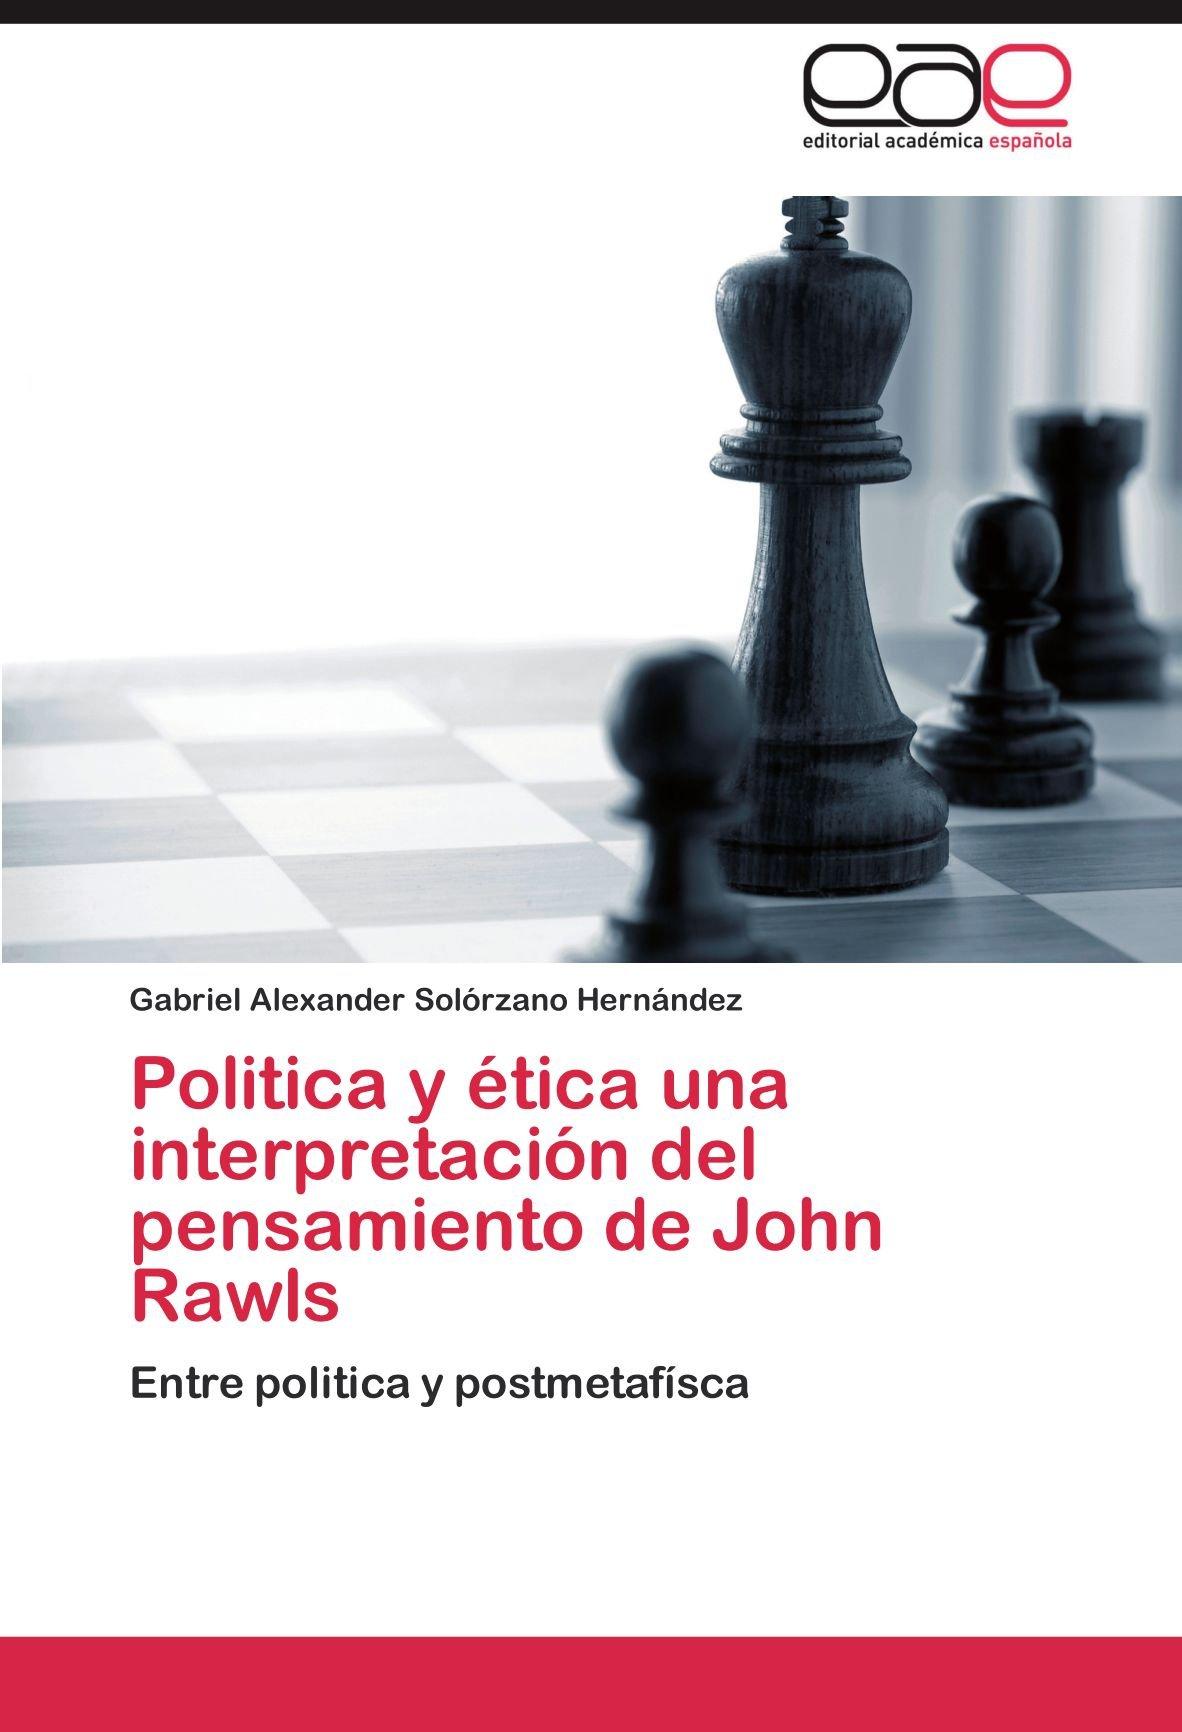 Politica y ética una interpretación del pensamiento de John Rawls: Amazon.es: Solórzano Hernández Gabriel Alexander: Libros